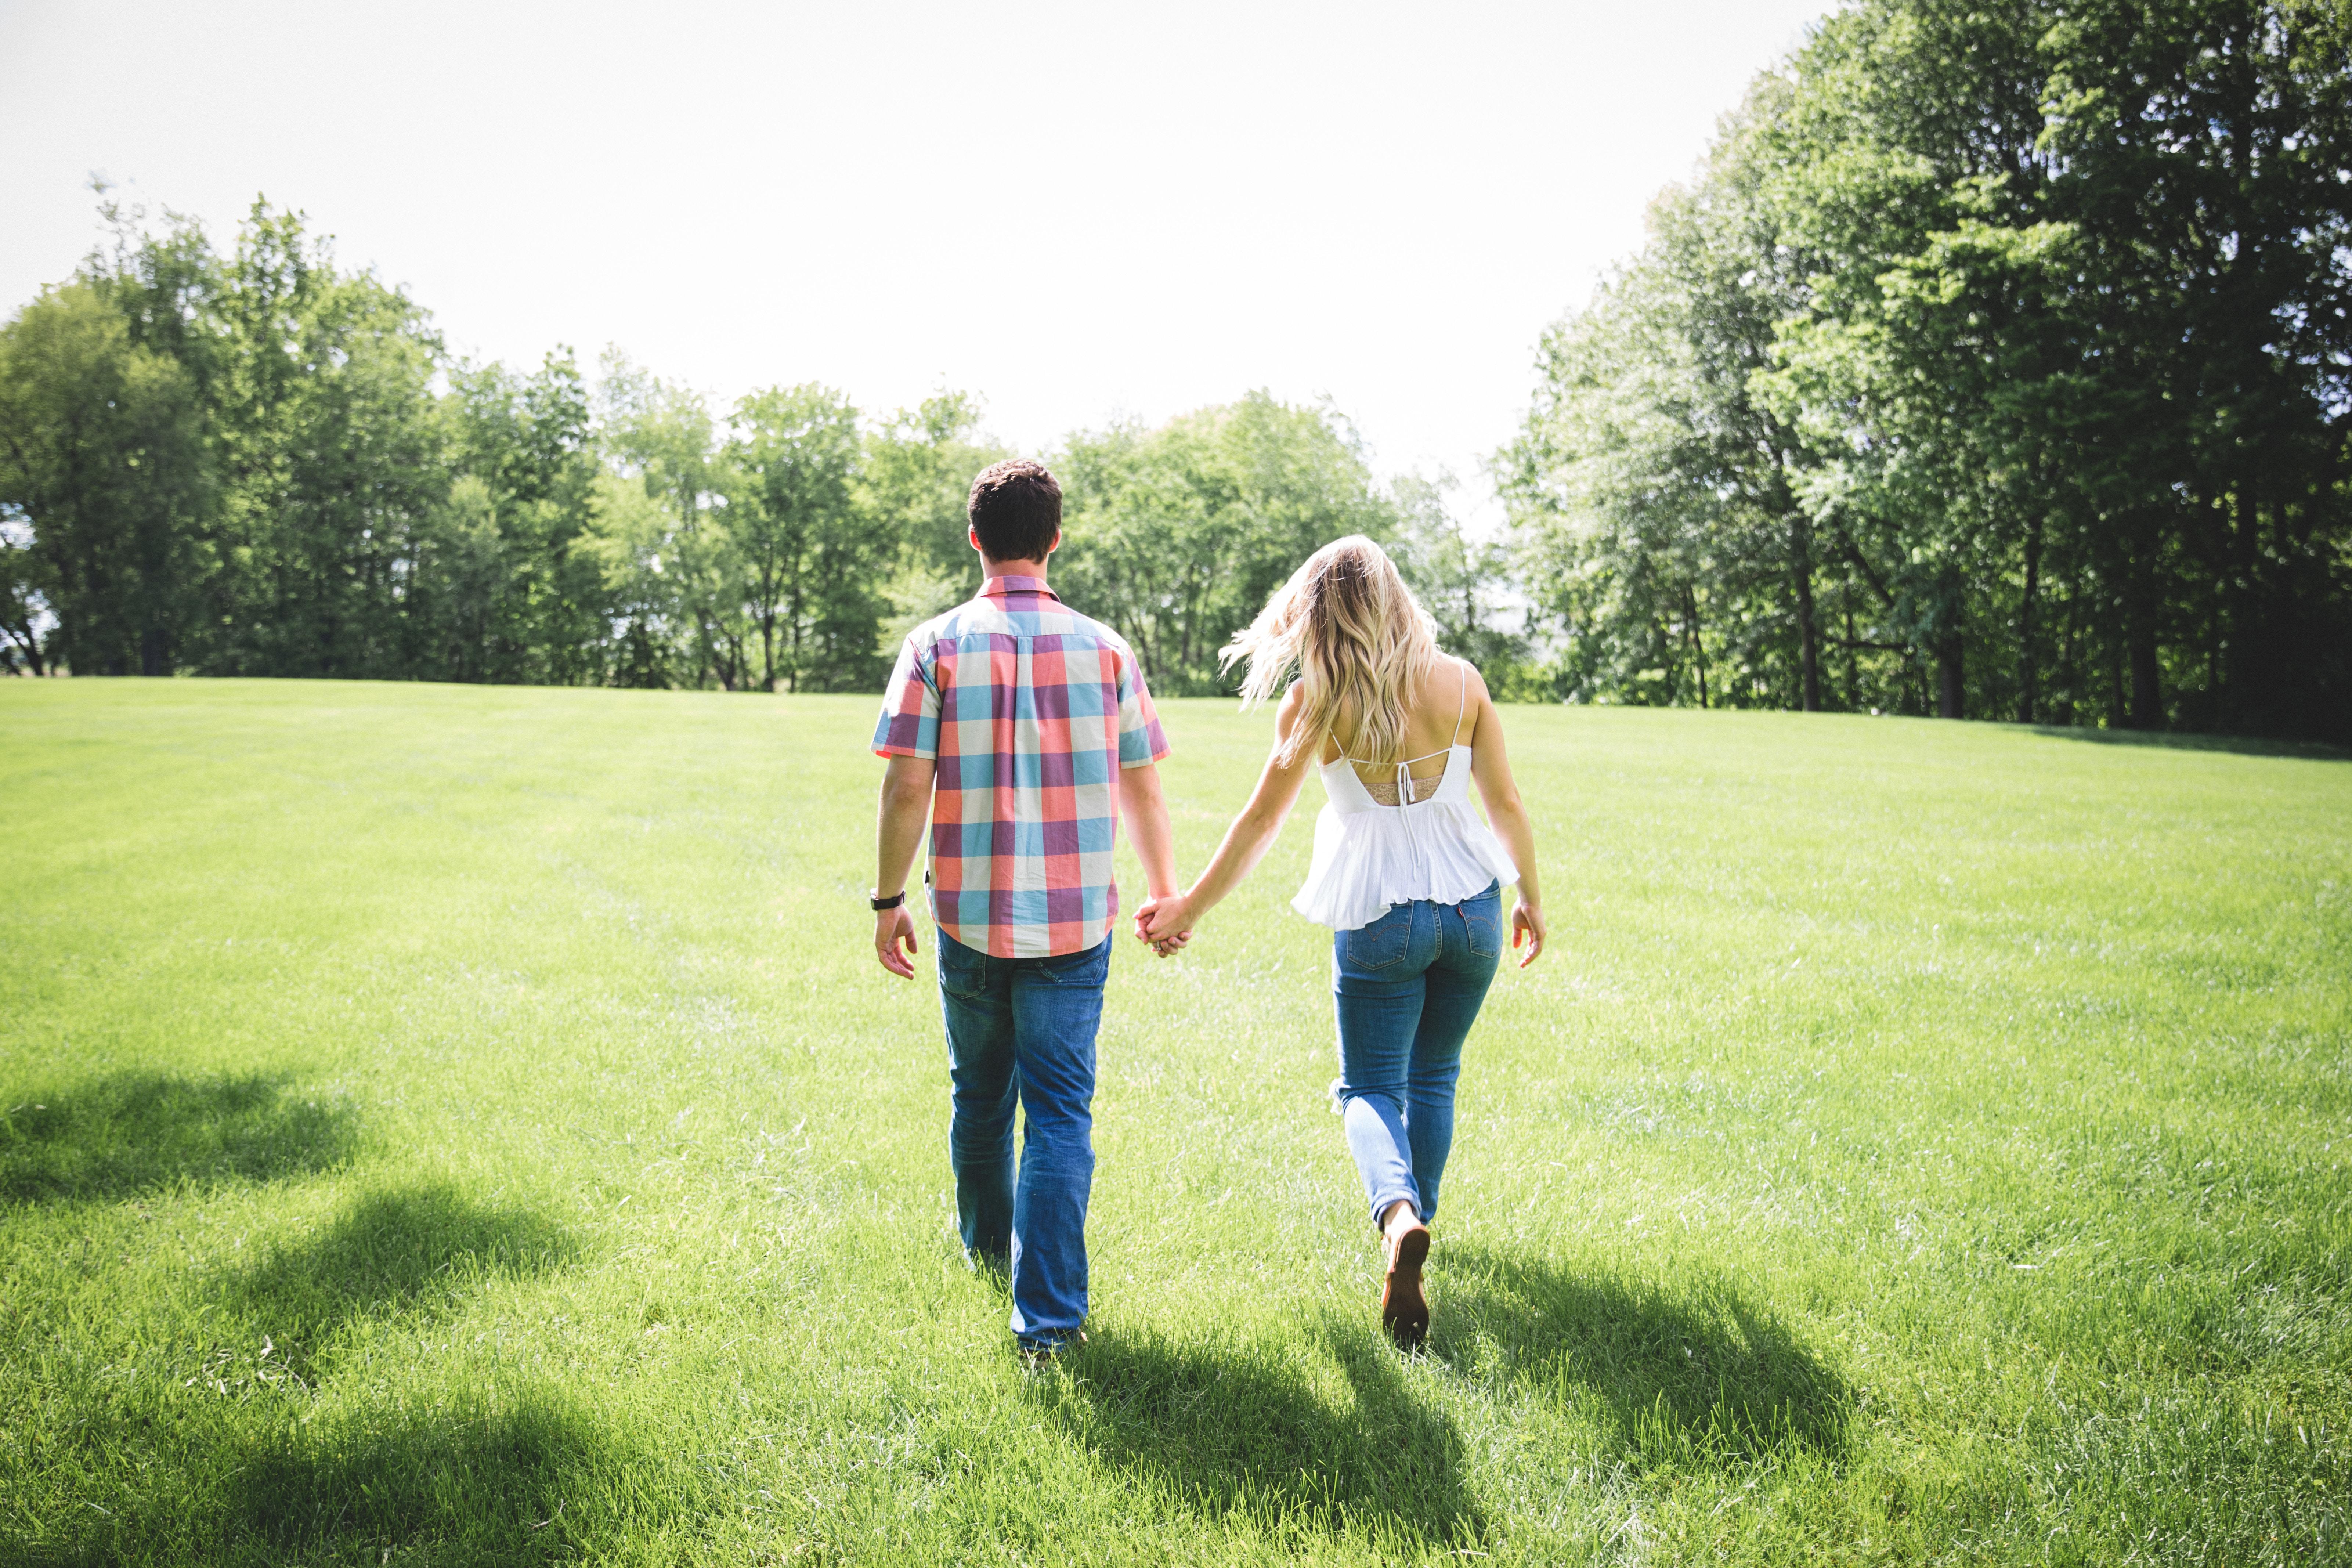 彼氏とラブラブでいられる方法とは?思考癖を変えた体験談